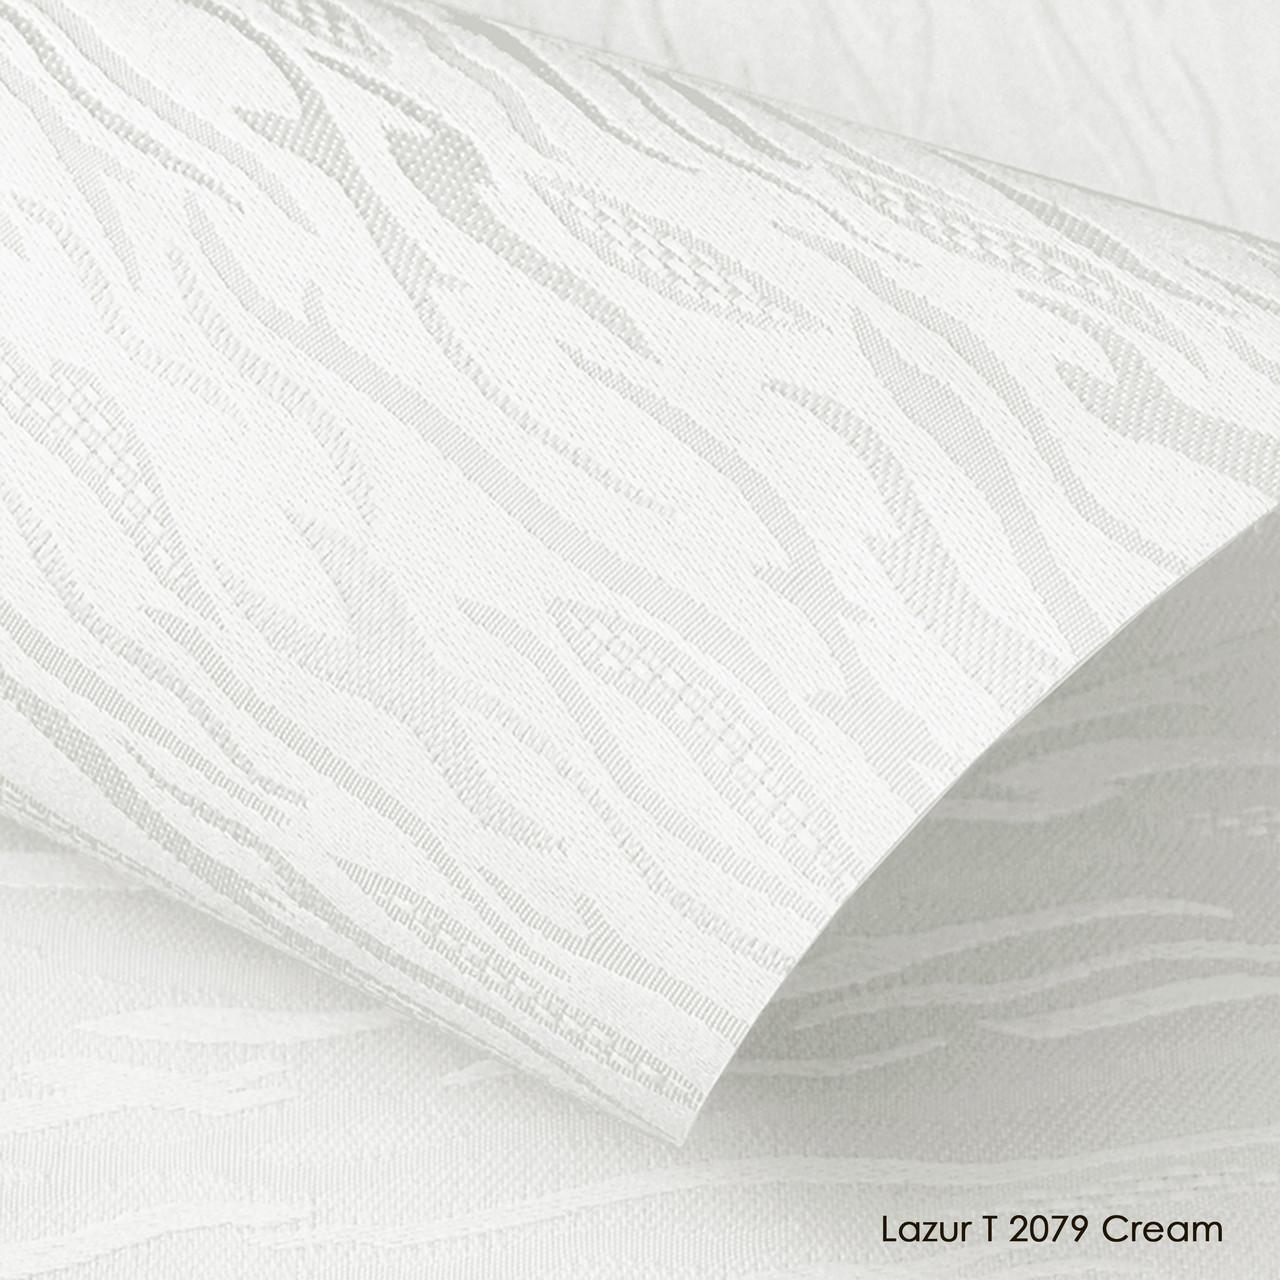 Ролети тканинні Lazur T 2079 Cream